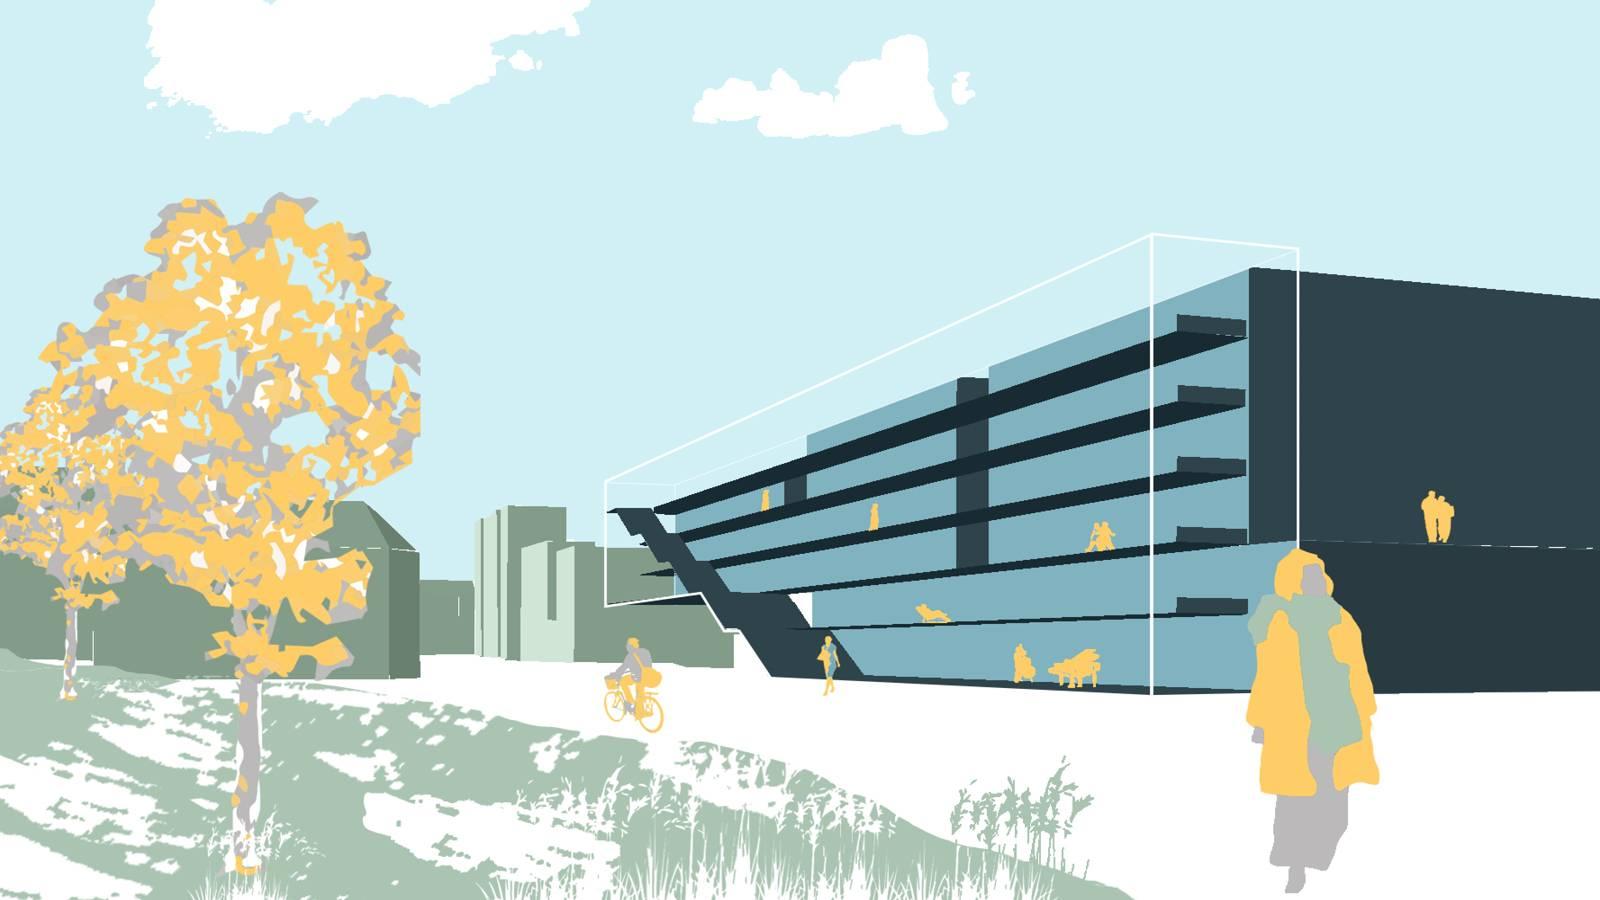 ART, ARCHITECTURE & MUSIC SCHOOL - NTNU – More Park, More City! - SPOL Architects